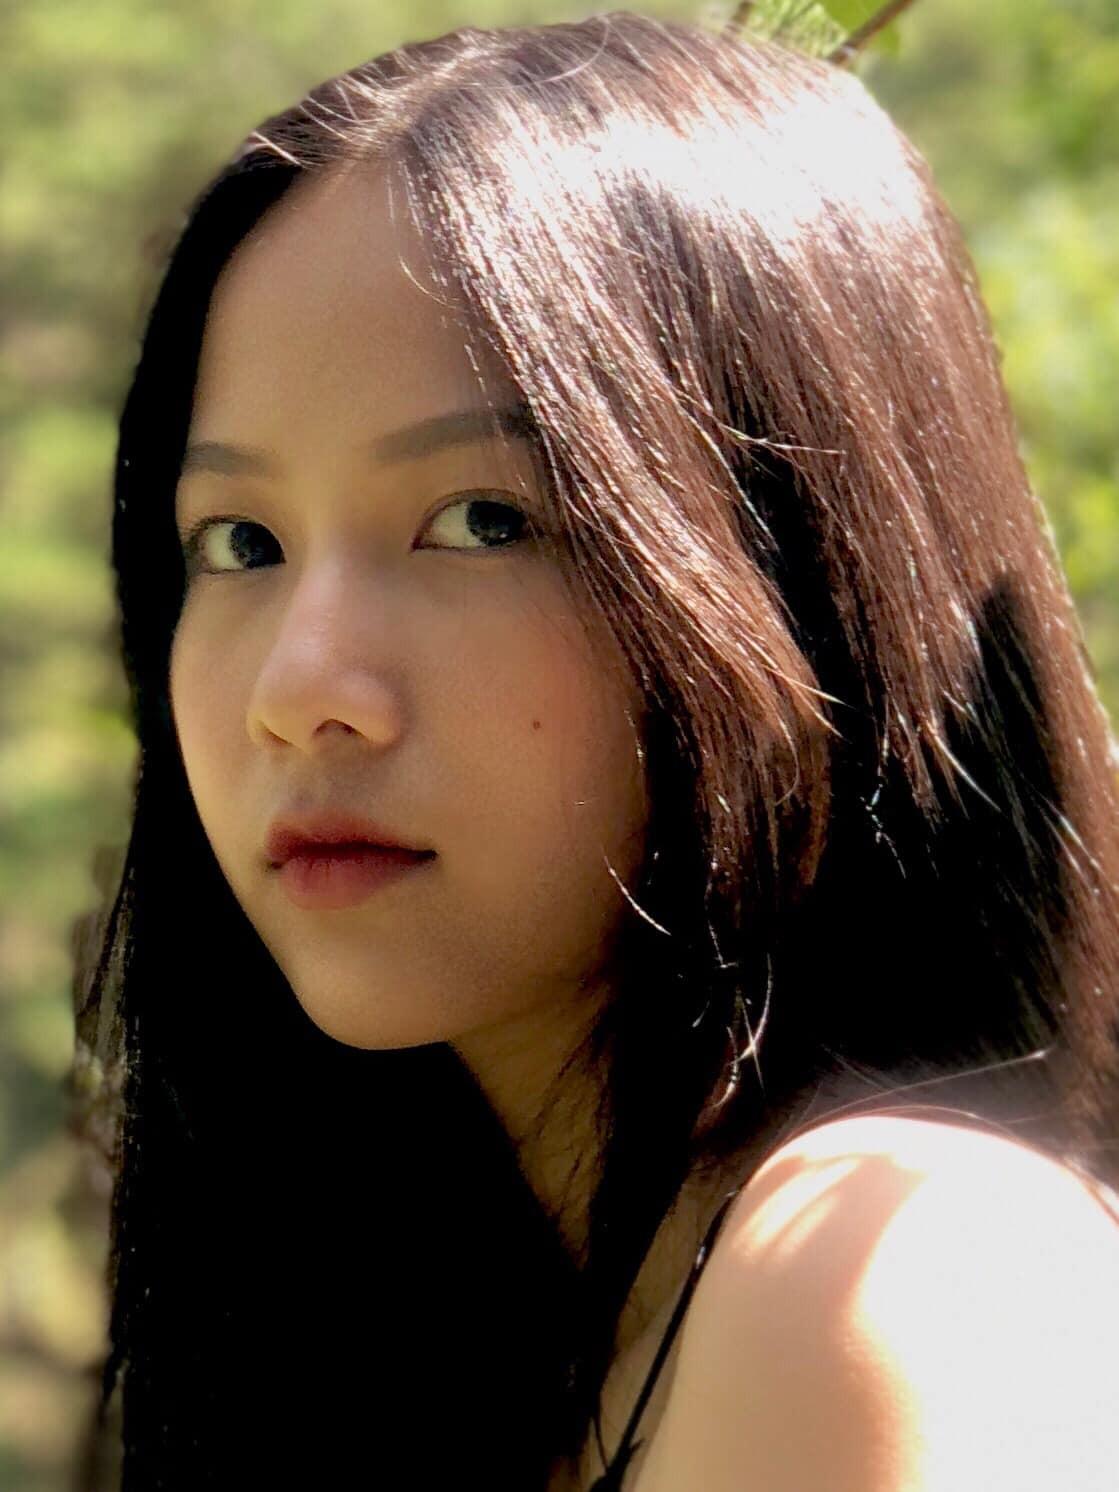 Ảnh cấp 3 cực xinh đẹp của 'Người đẹp có làn da đẹp nhất' Hoa hậu Việt Nam 2020 ảnh 3